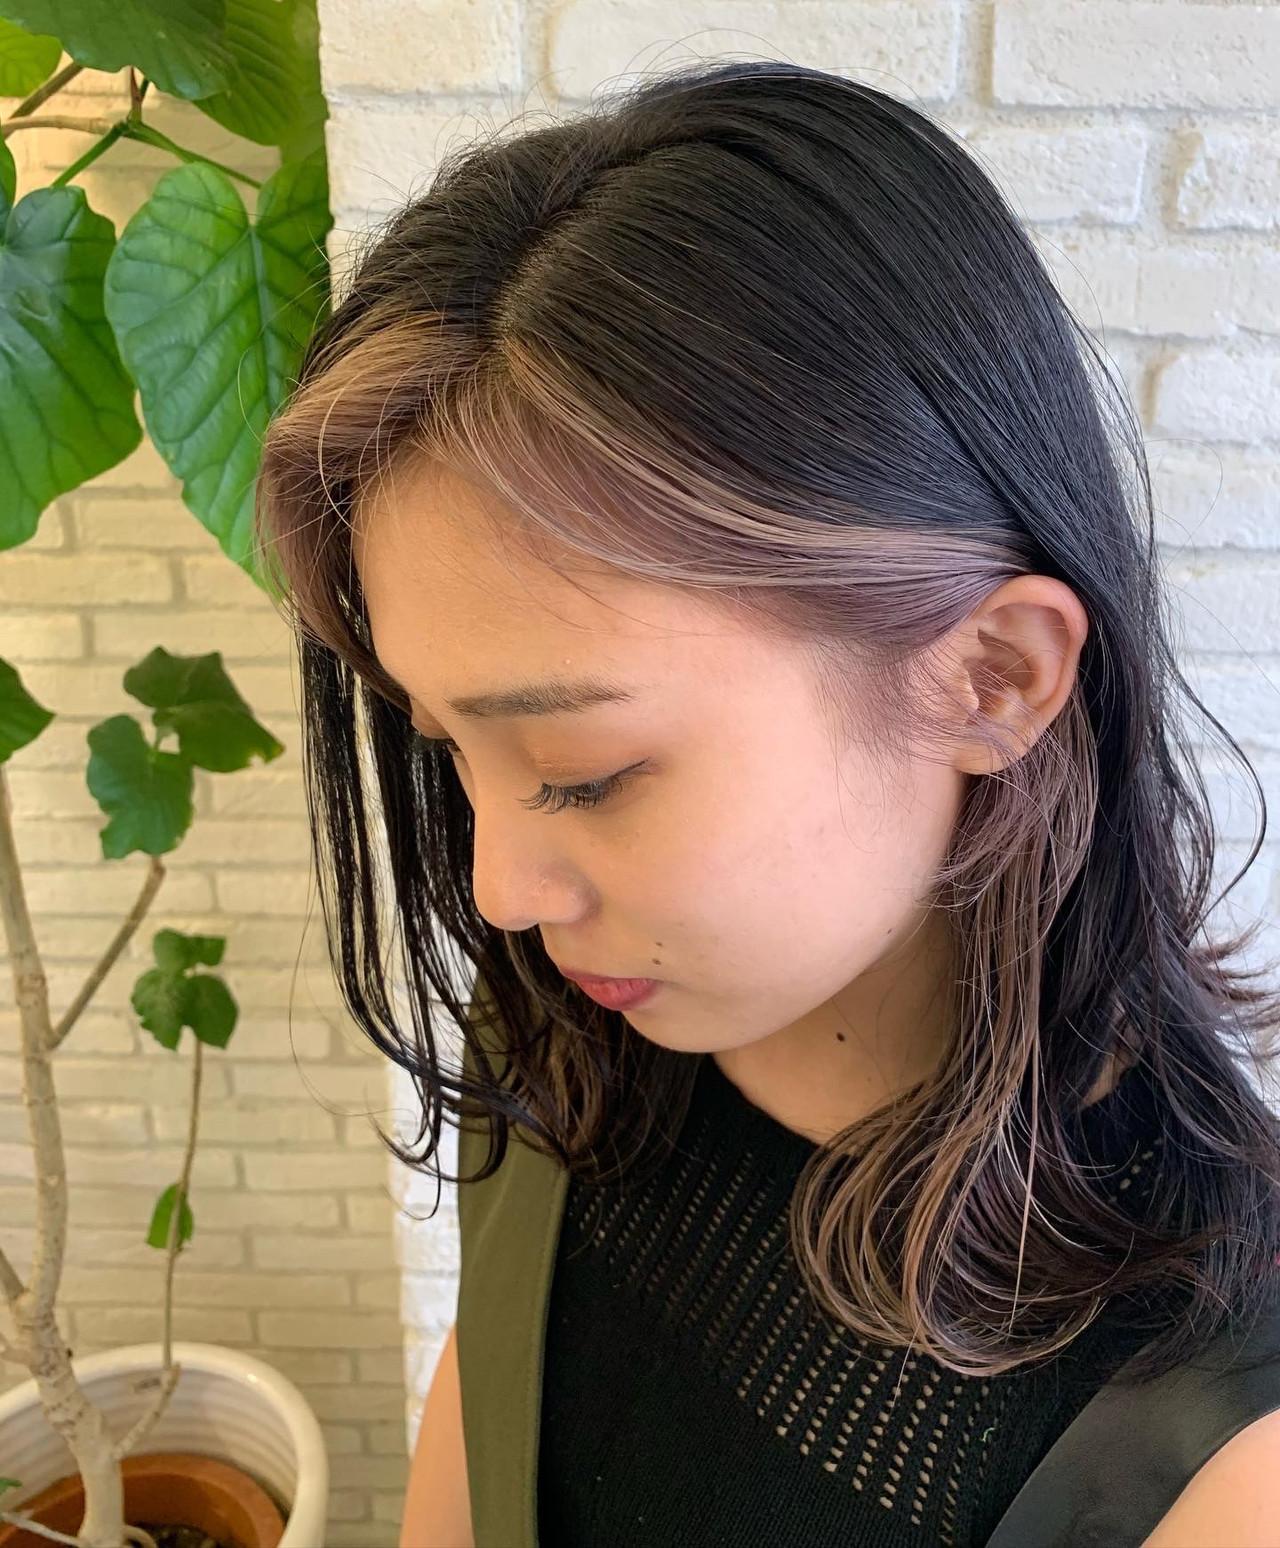 前髪インナーカラー インナーカラーグレージュ ウルフカット インナーカラー ヘアスタイルや髪型の写真・画像